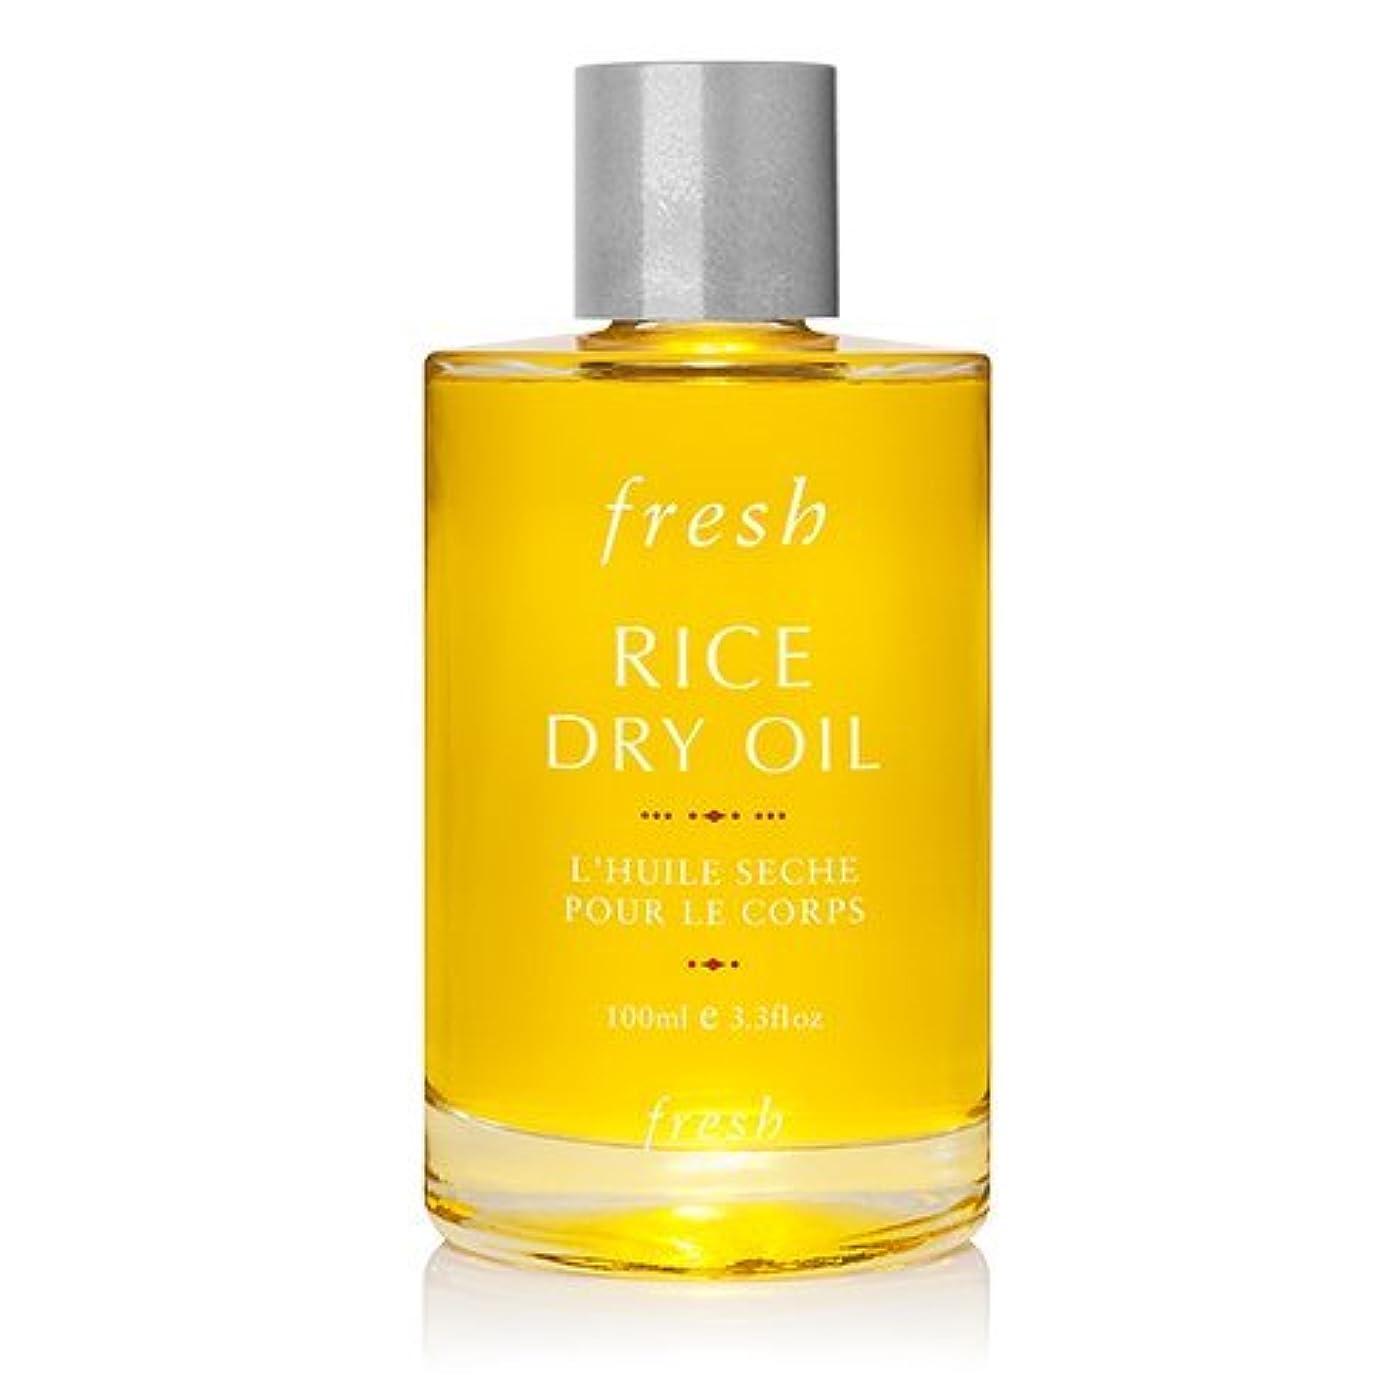 ひらめき脚本家部分的にFresh RICE DRY OIL (フレッシュ ライス ドライ オイル) 3.4 oz (100ml) by Fresh for Women